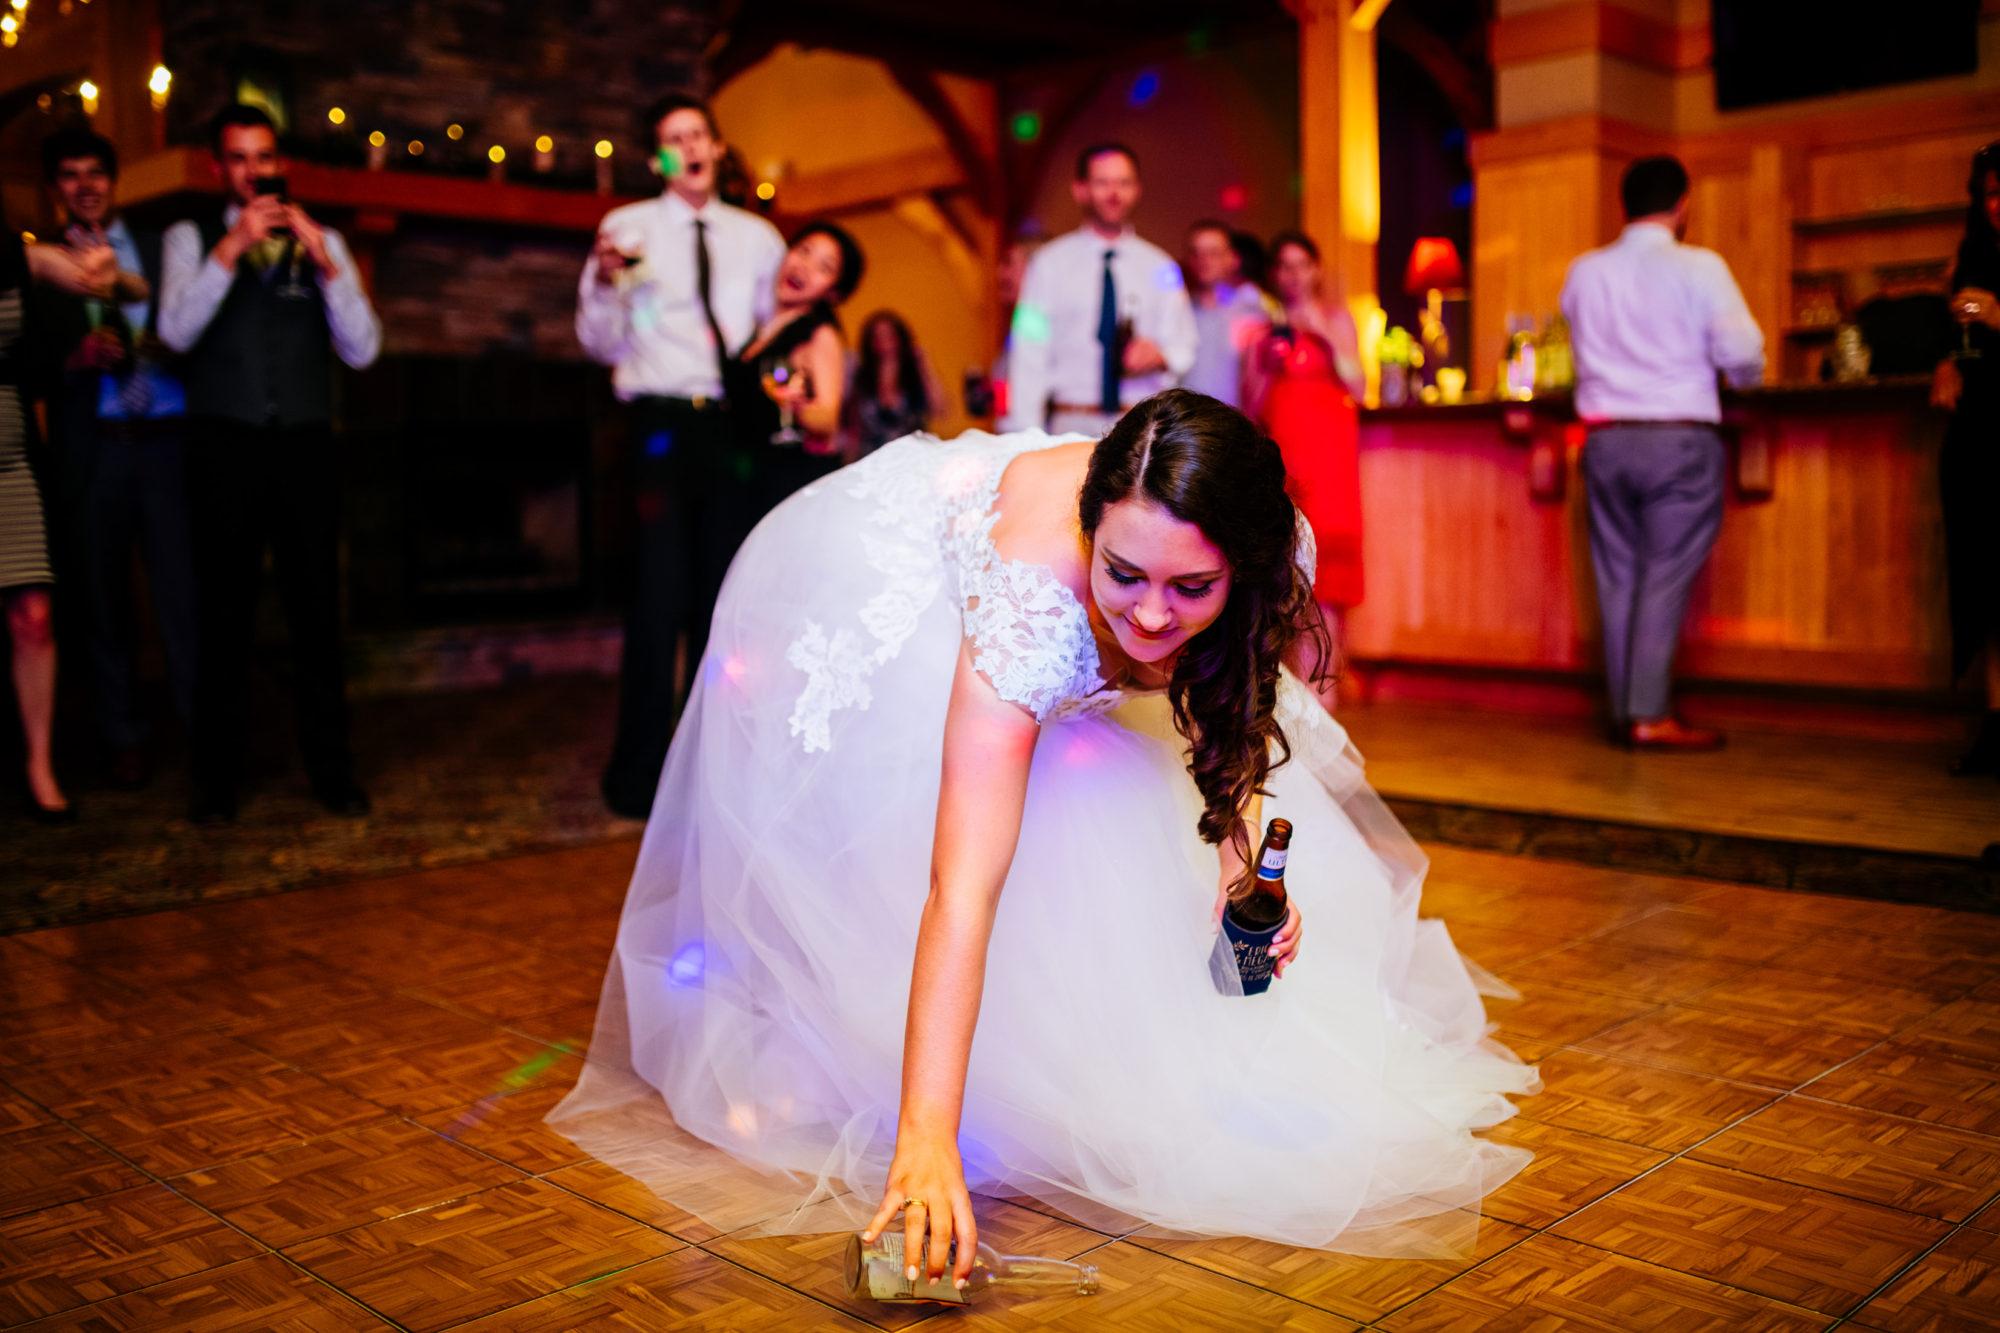 bride spinning bottle on dance floor